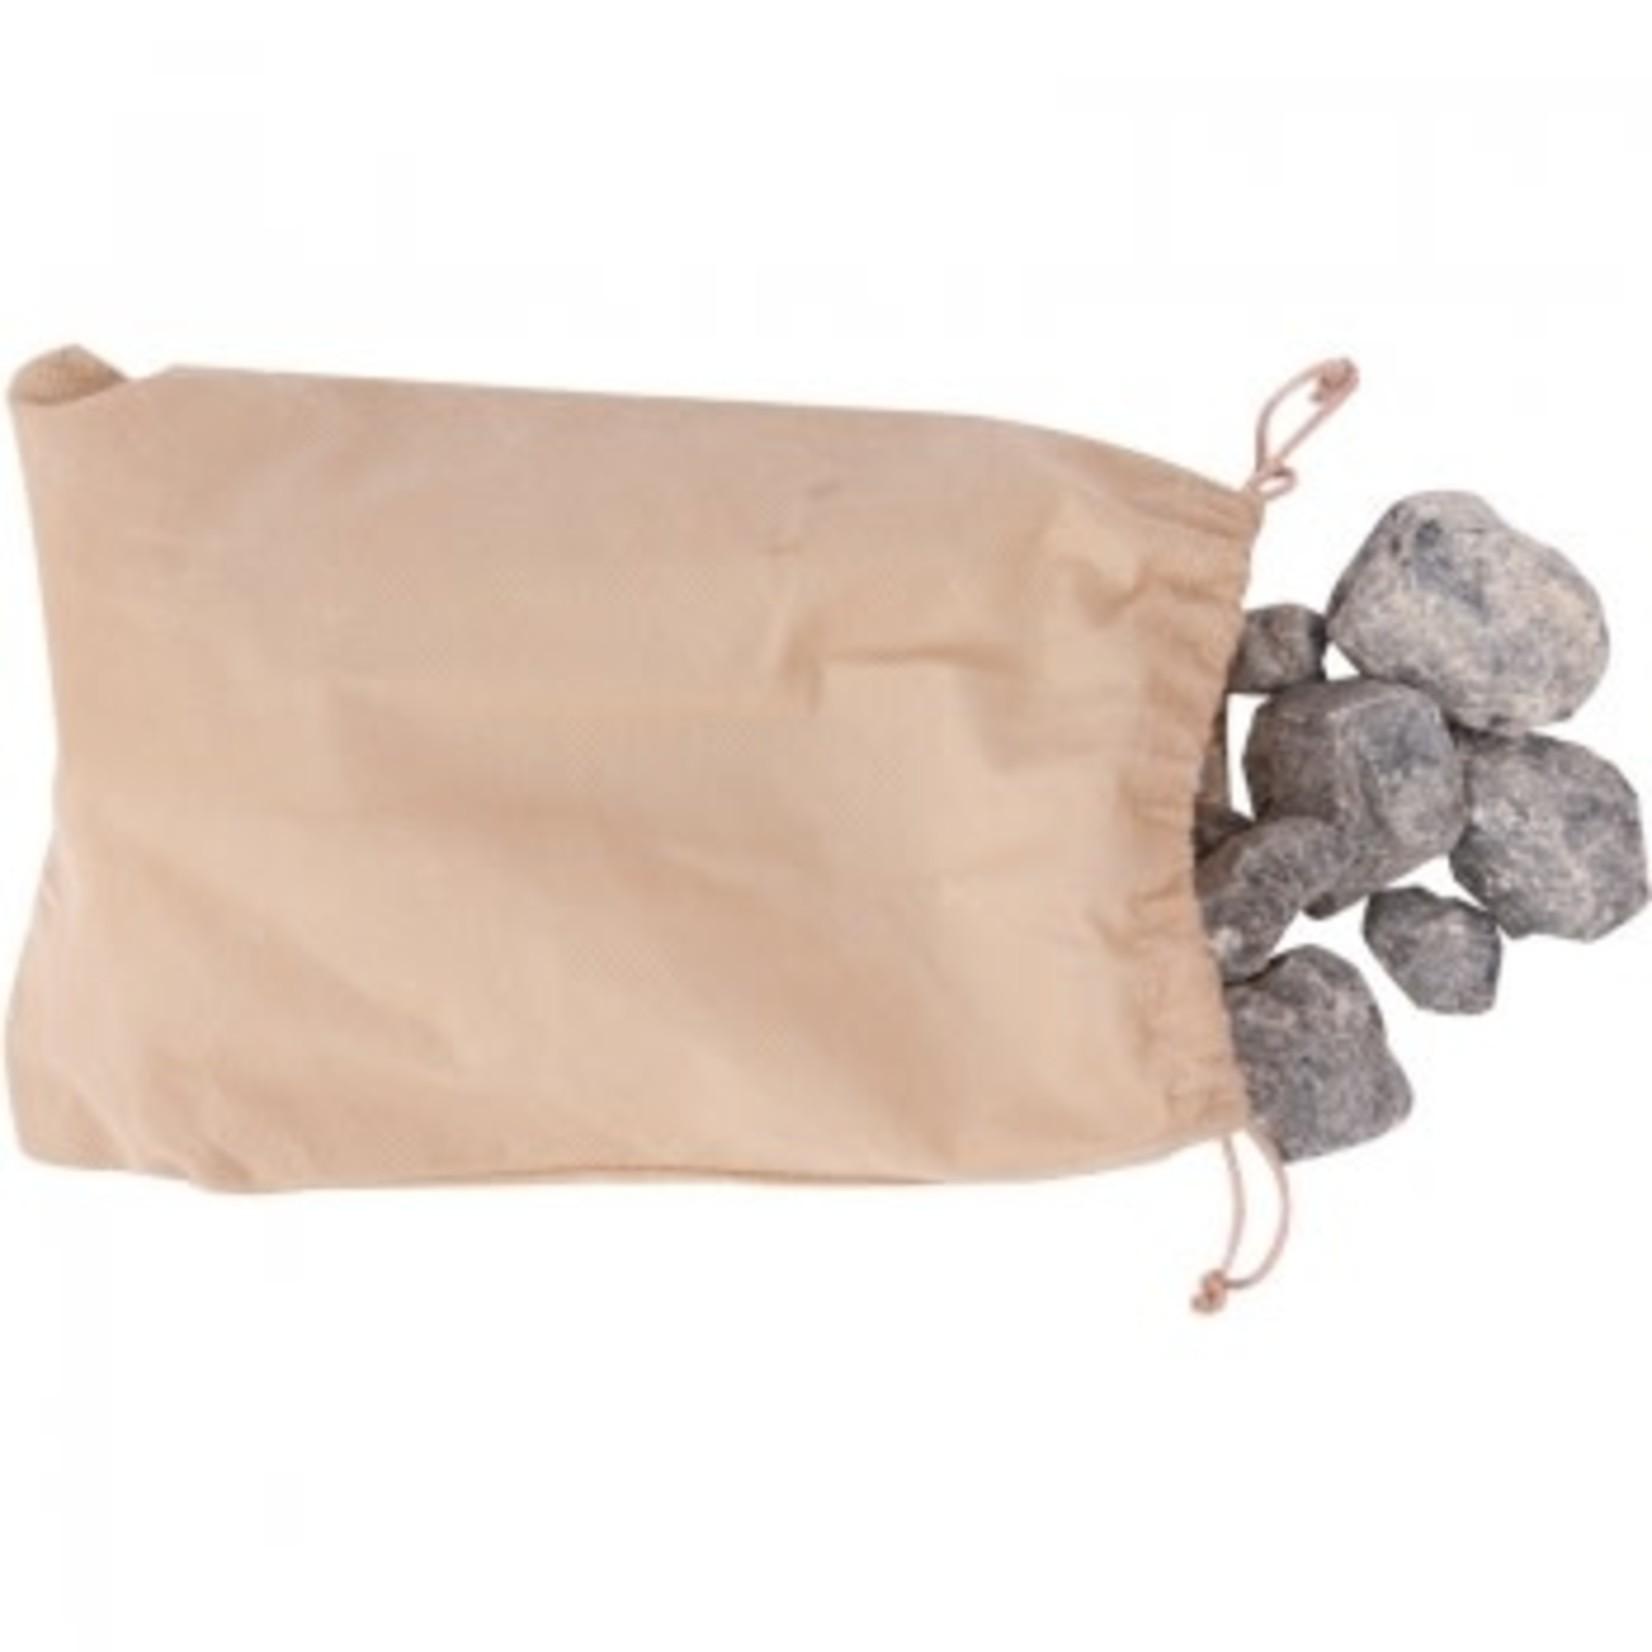 Rosin - 1lb Bag